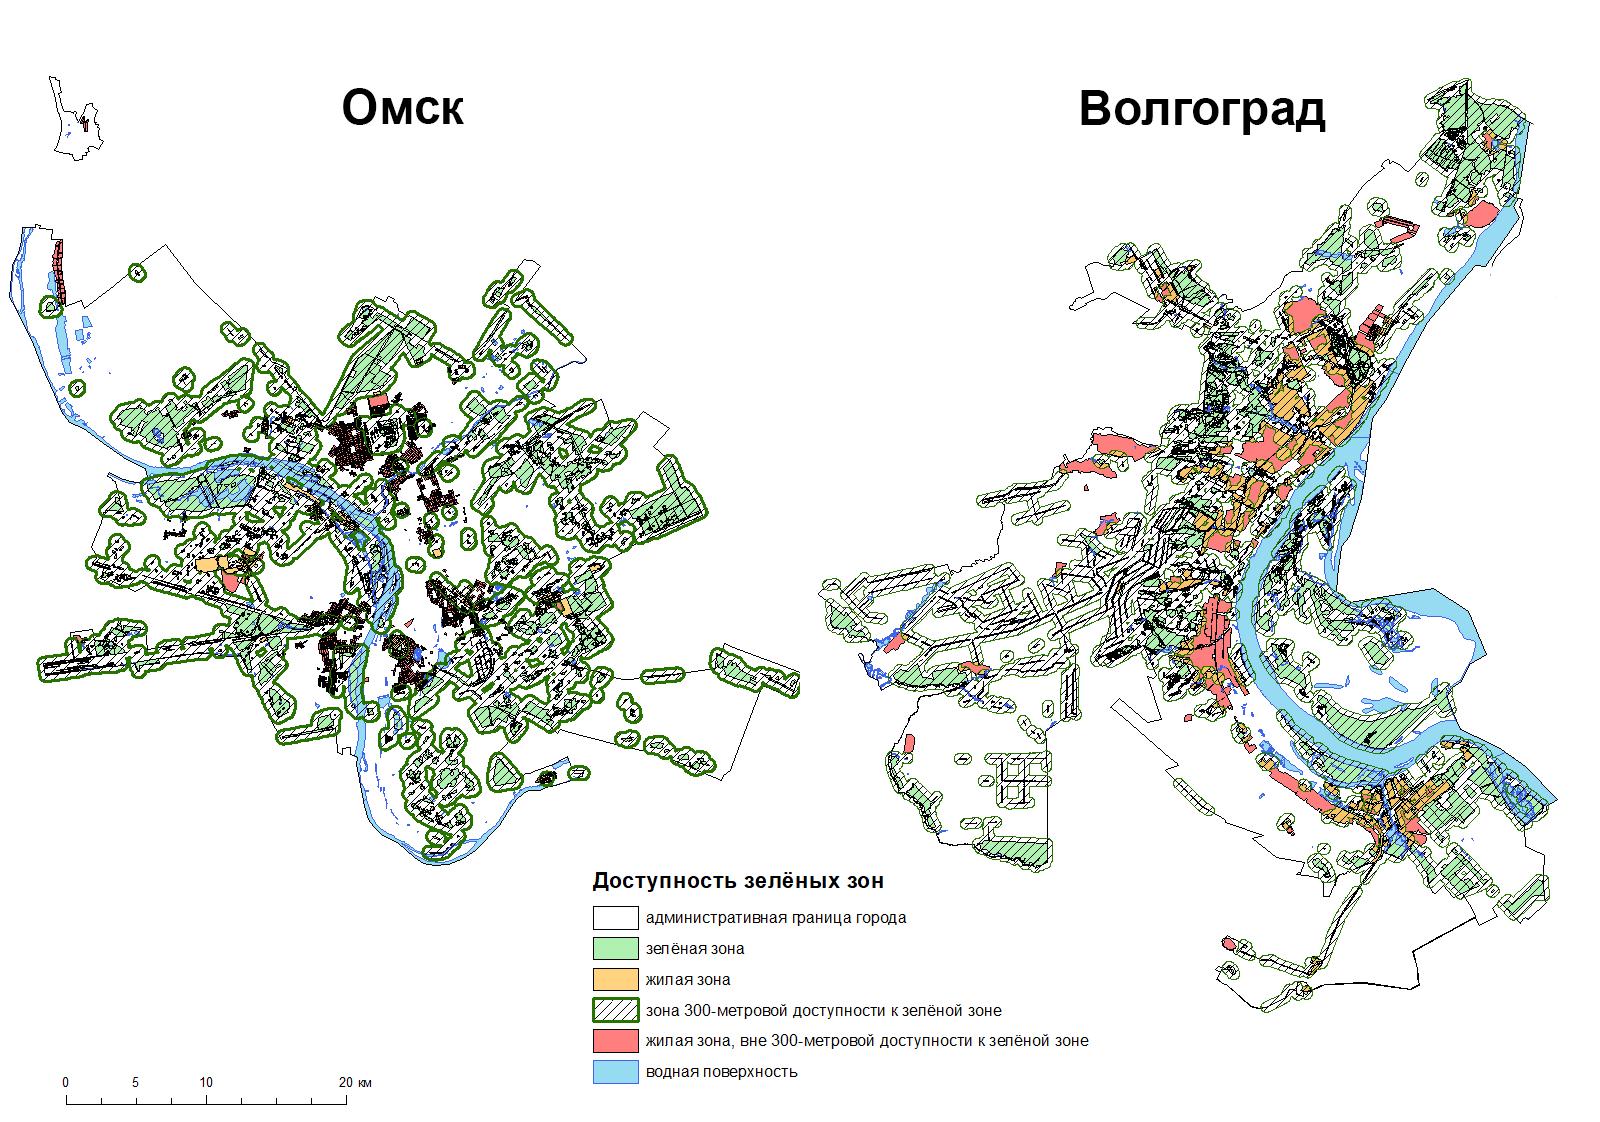 Зелёные зоны Омска и Волгограда